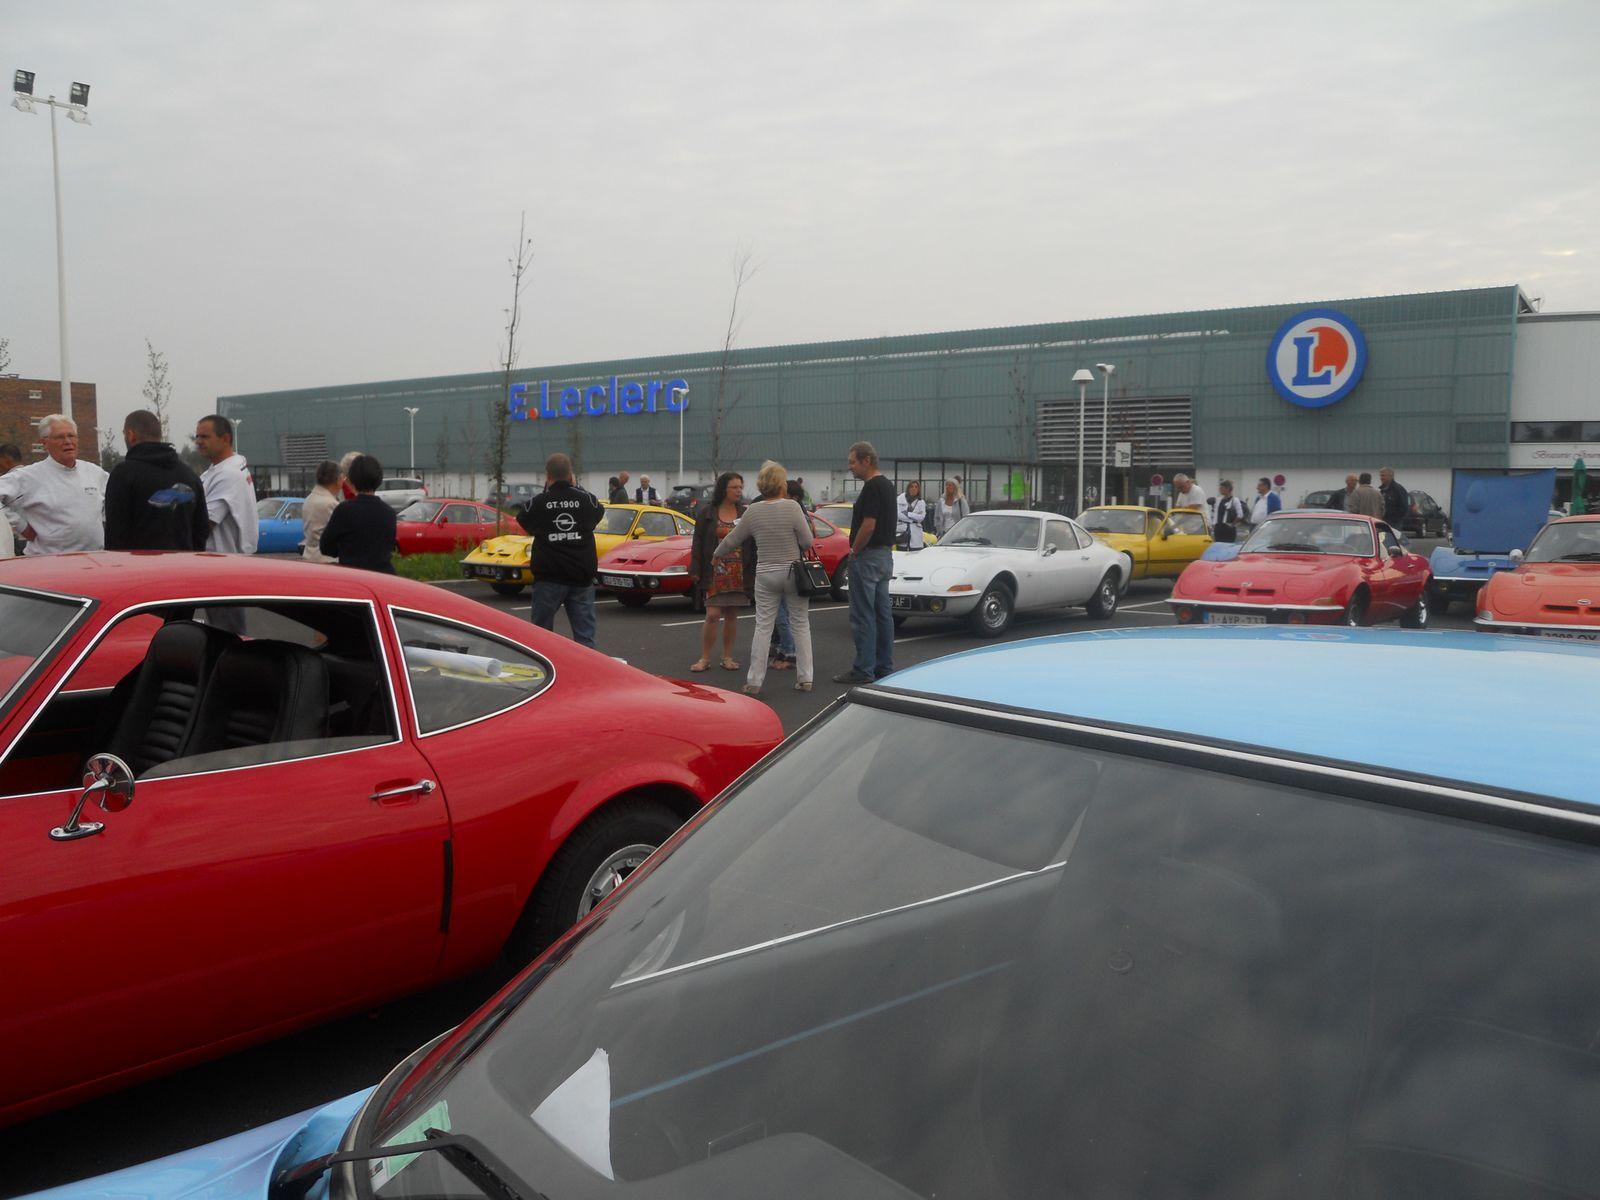 Réunion dimanche 8 MARS 2020 réunion mensuelle à Caderousse (Vaucluse), véhicules anciens et très anciens avec Les Belles Teufs Teufs de Caderousse